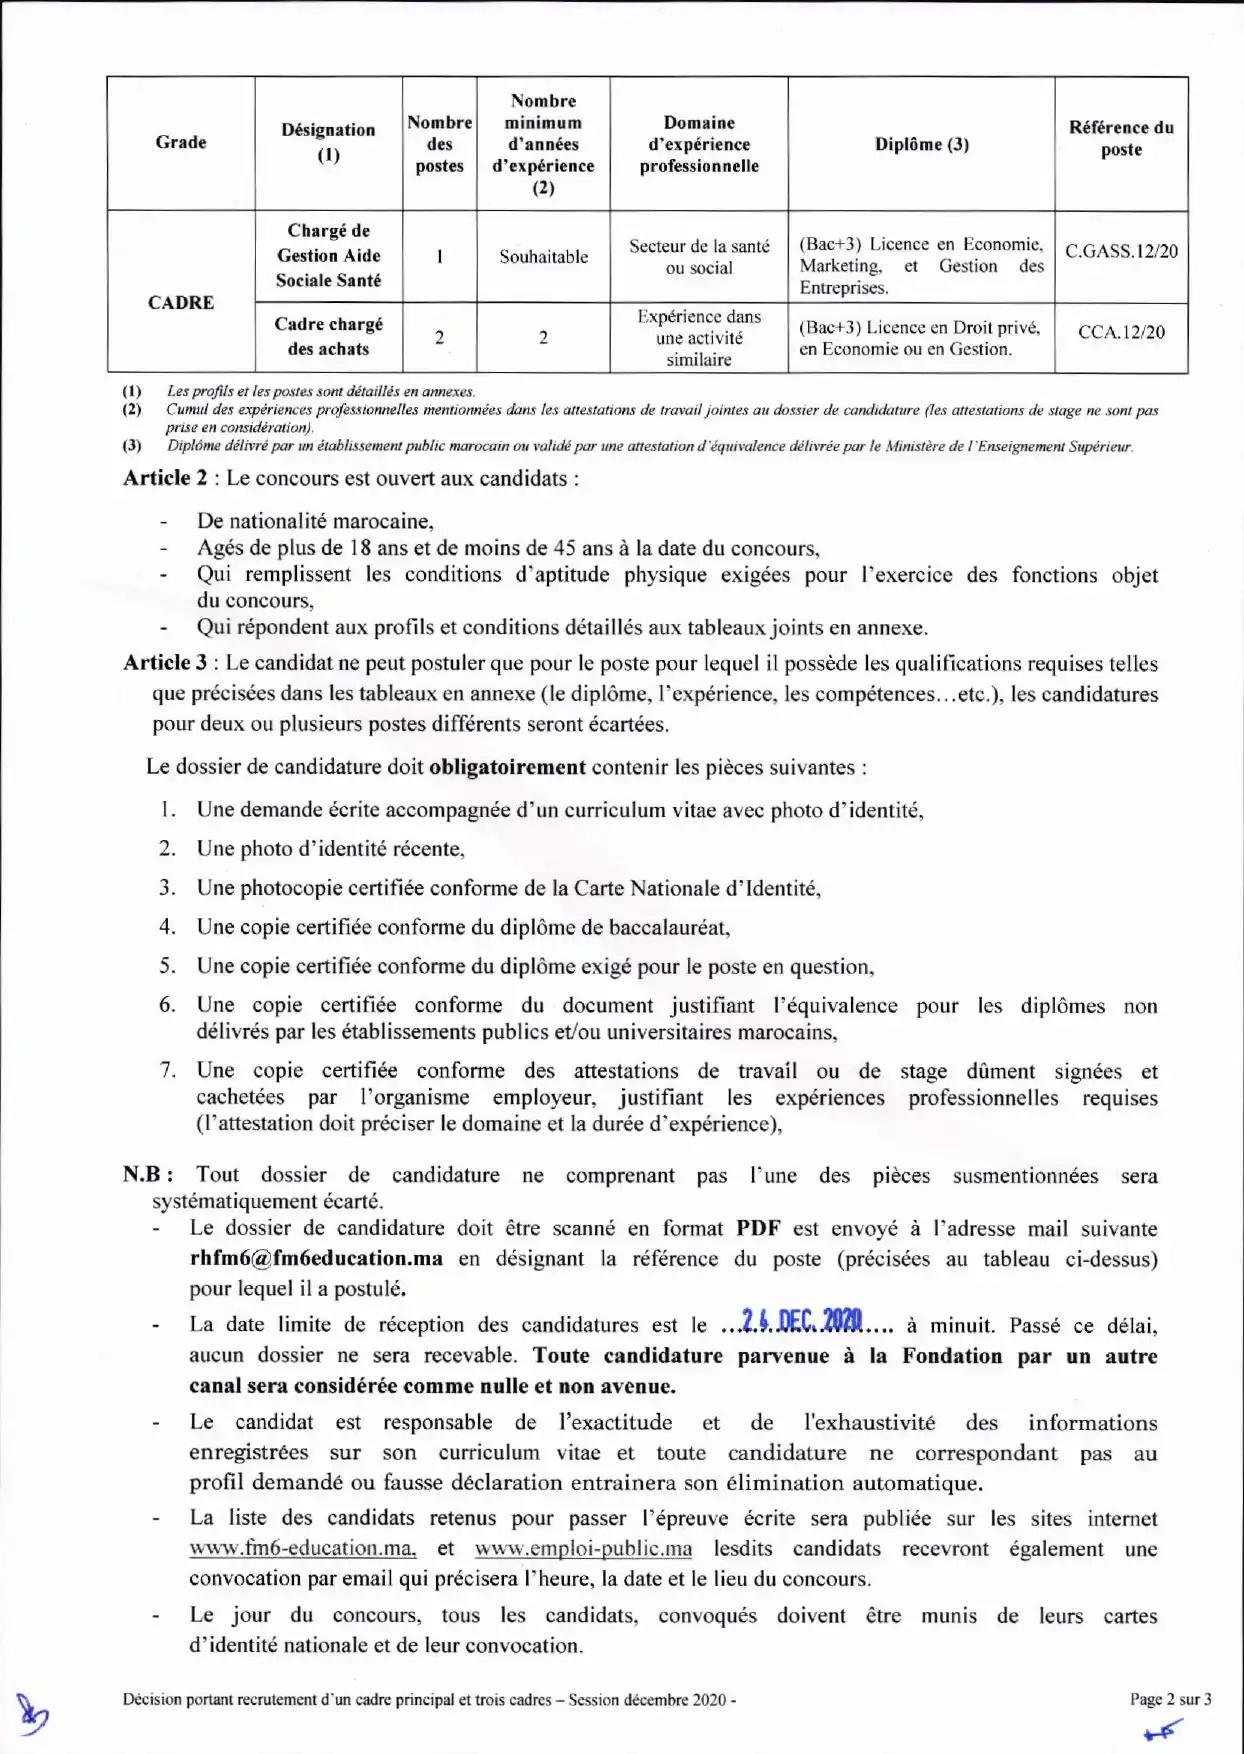 مباريات توظيف بمؤسسة محمد السادس للنهوض بالأعمال الاجتماعية للتربية والتكوين آخر أجل 24 دجنبر 2020 Avisde12